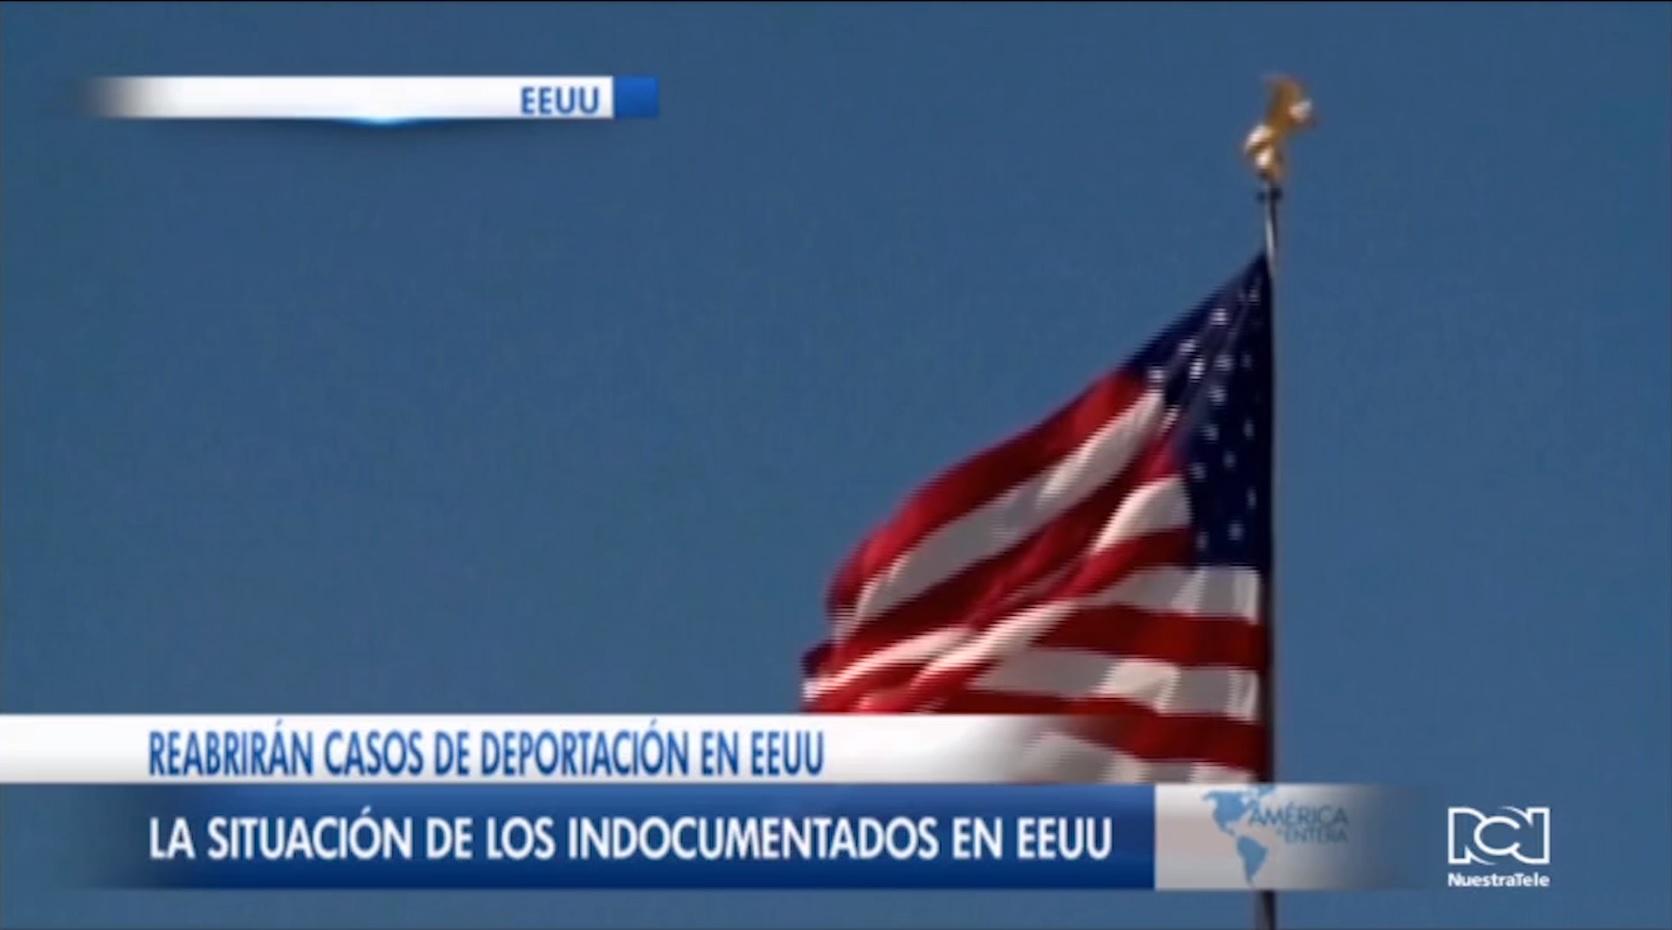 Estados Unidos elimina el blindaje contra la deportación de indocumentados enfermos